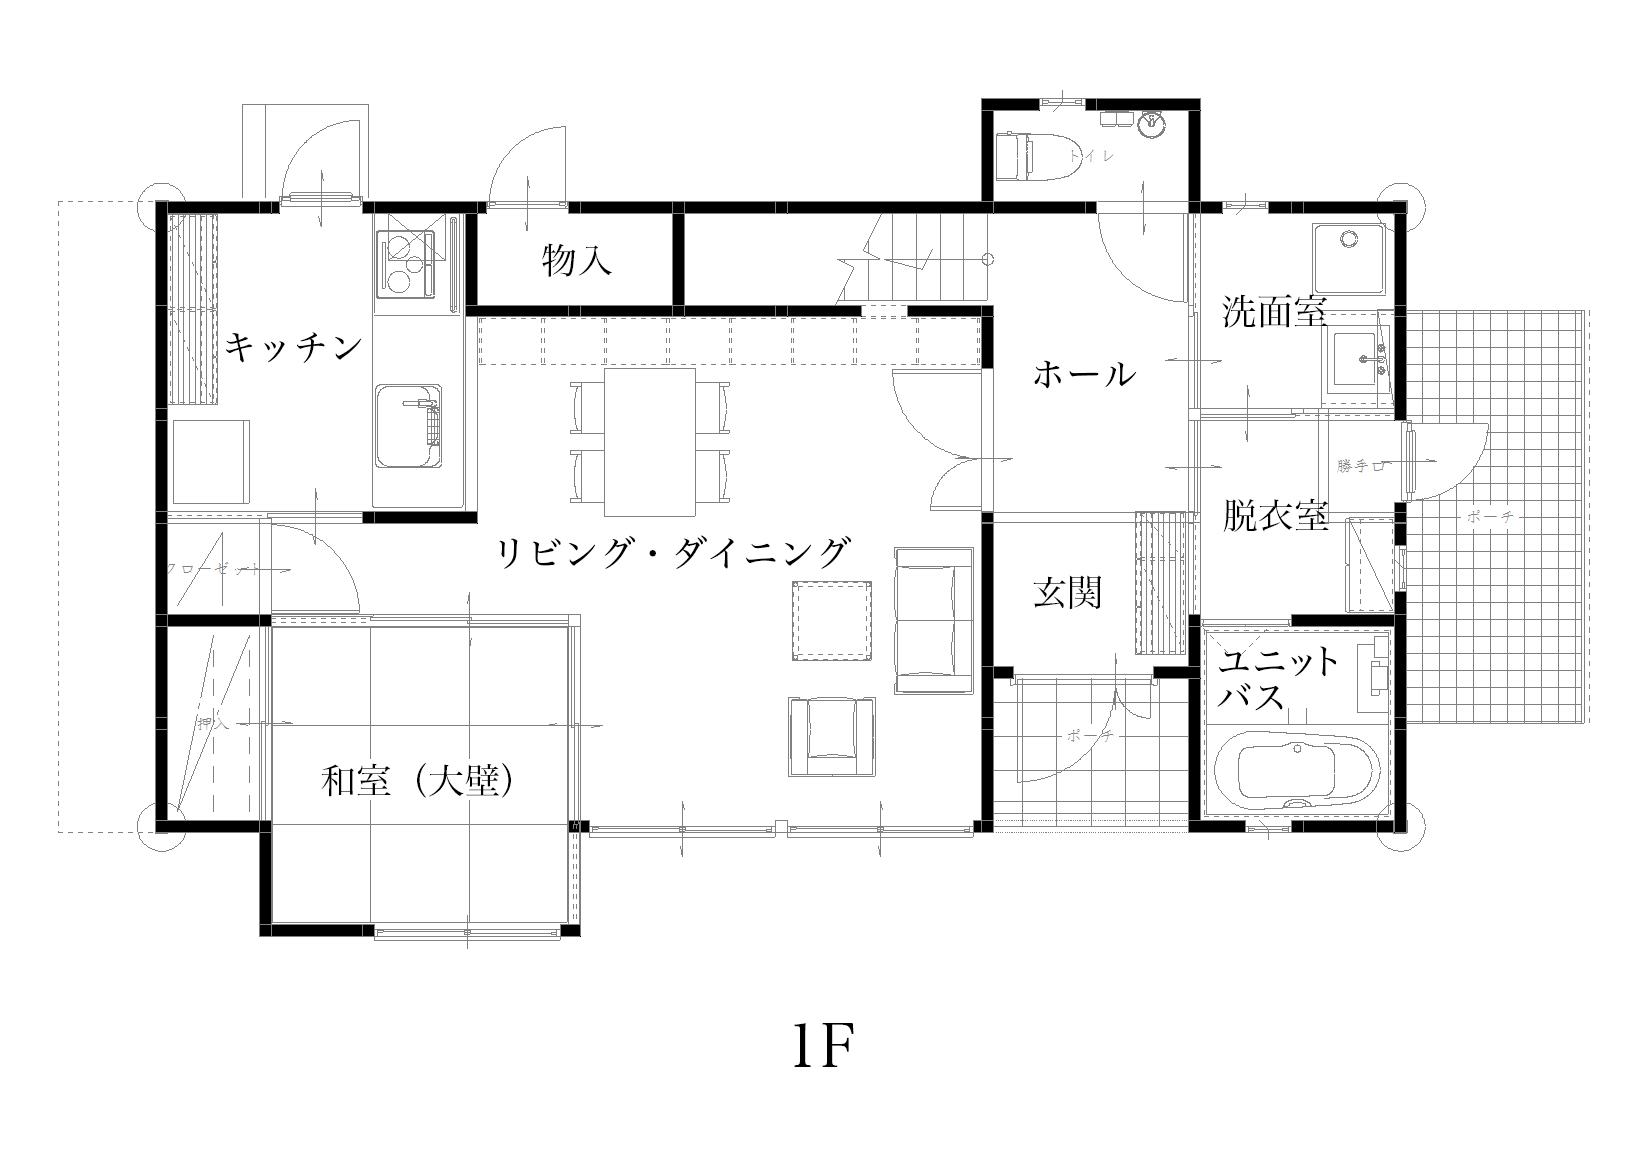 日田上城内展示場図面1